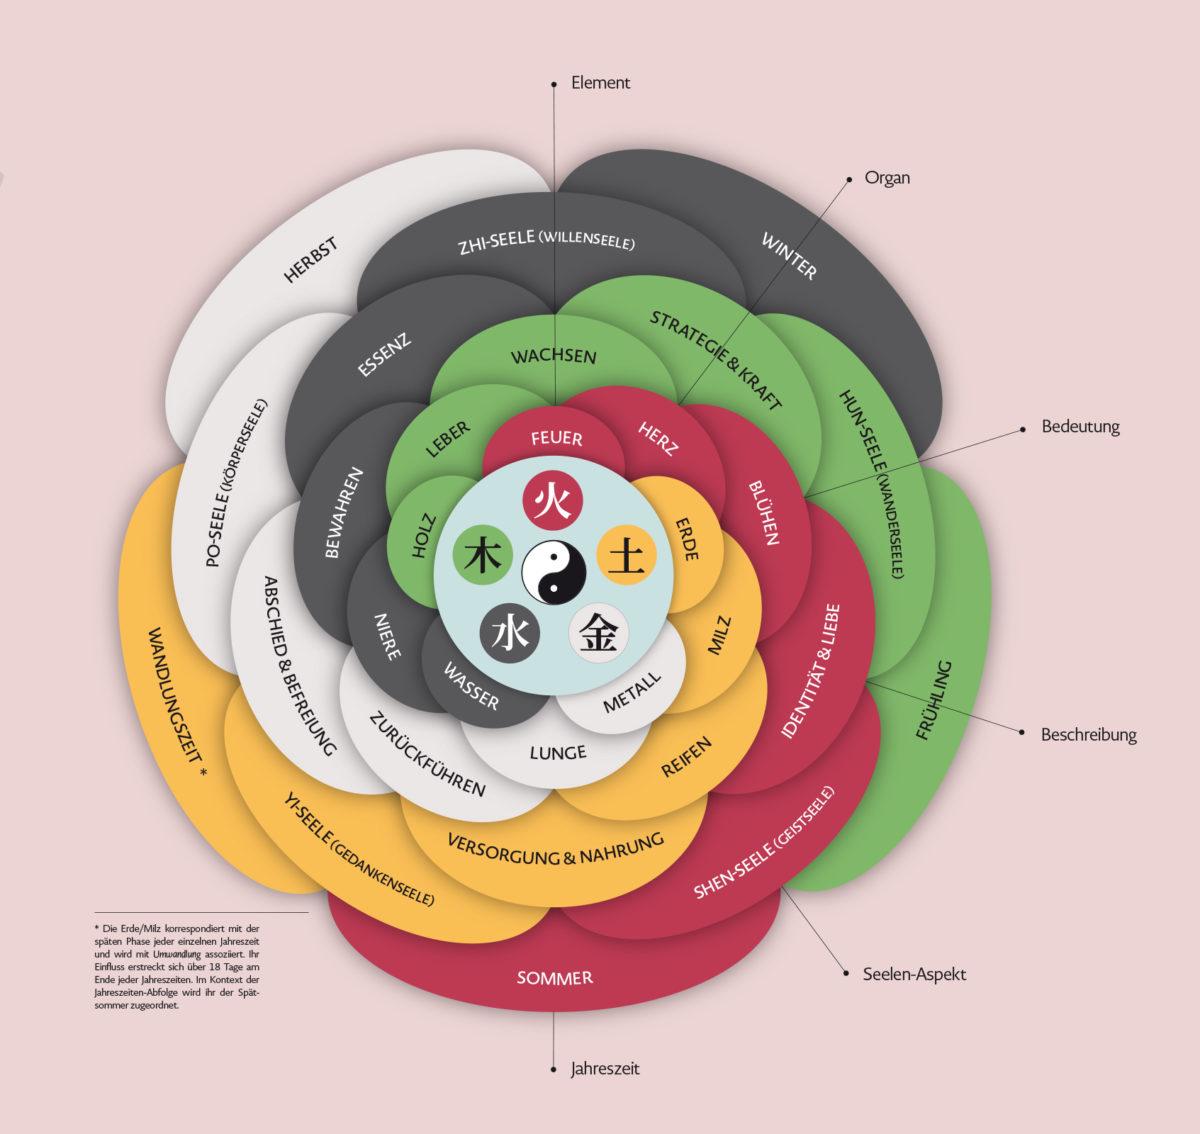 Infografik der Fünf Elemente Wu Xing und deren Bedeutung für die zugeordneten Organe